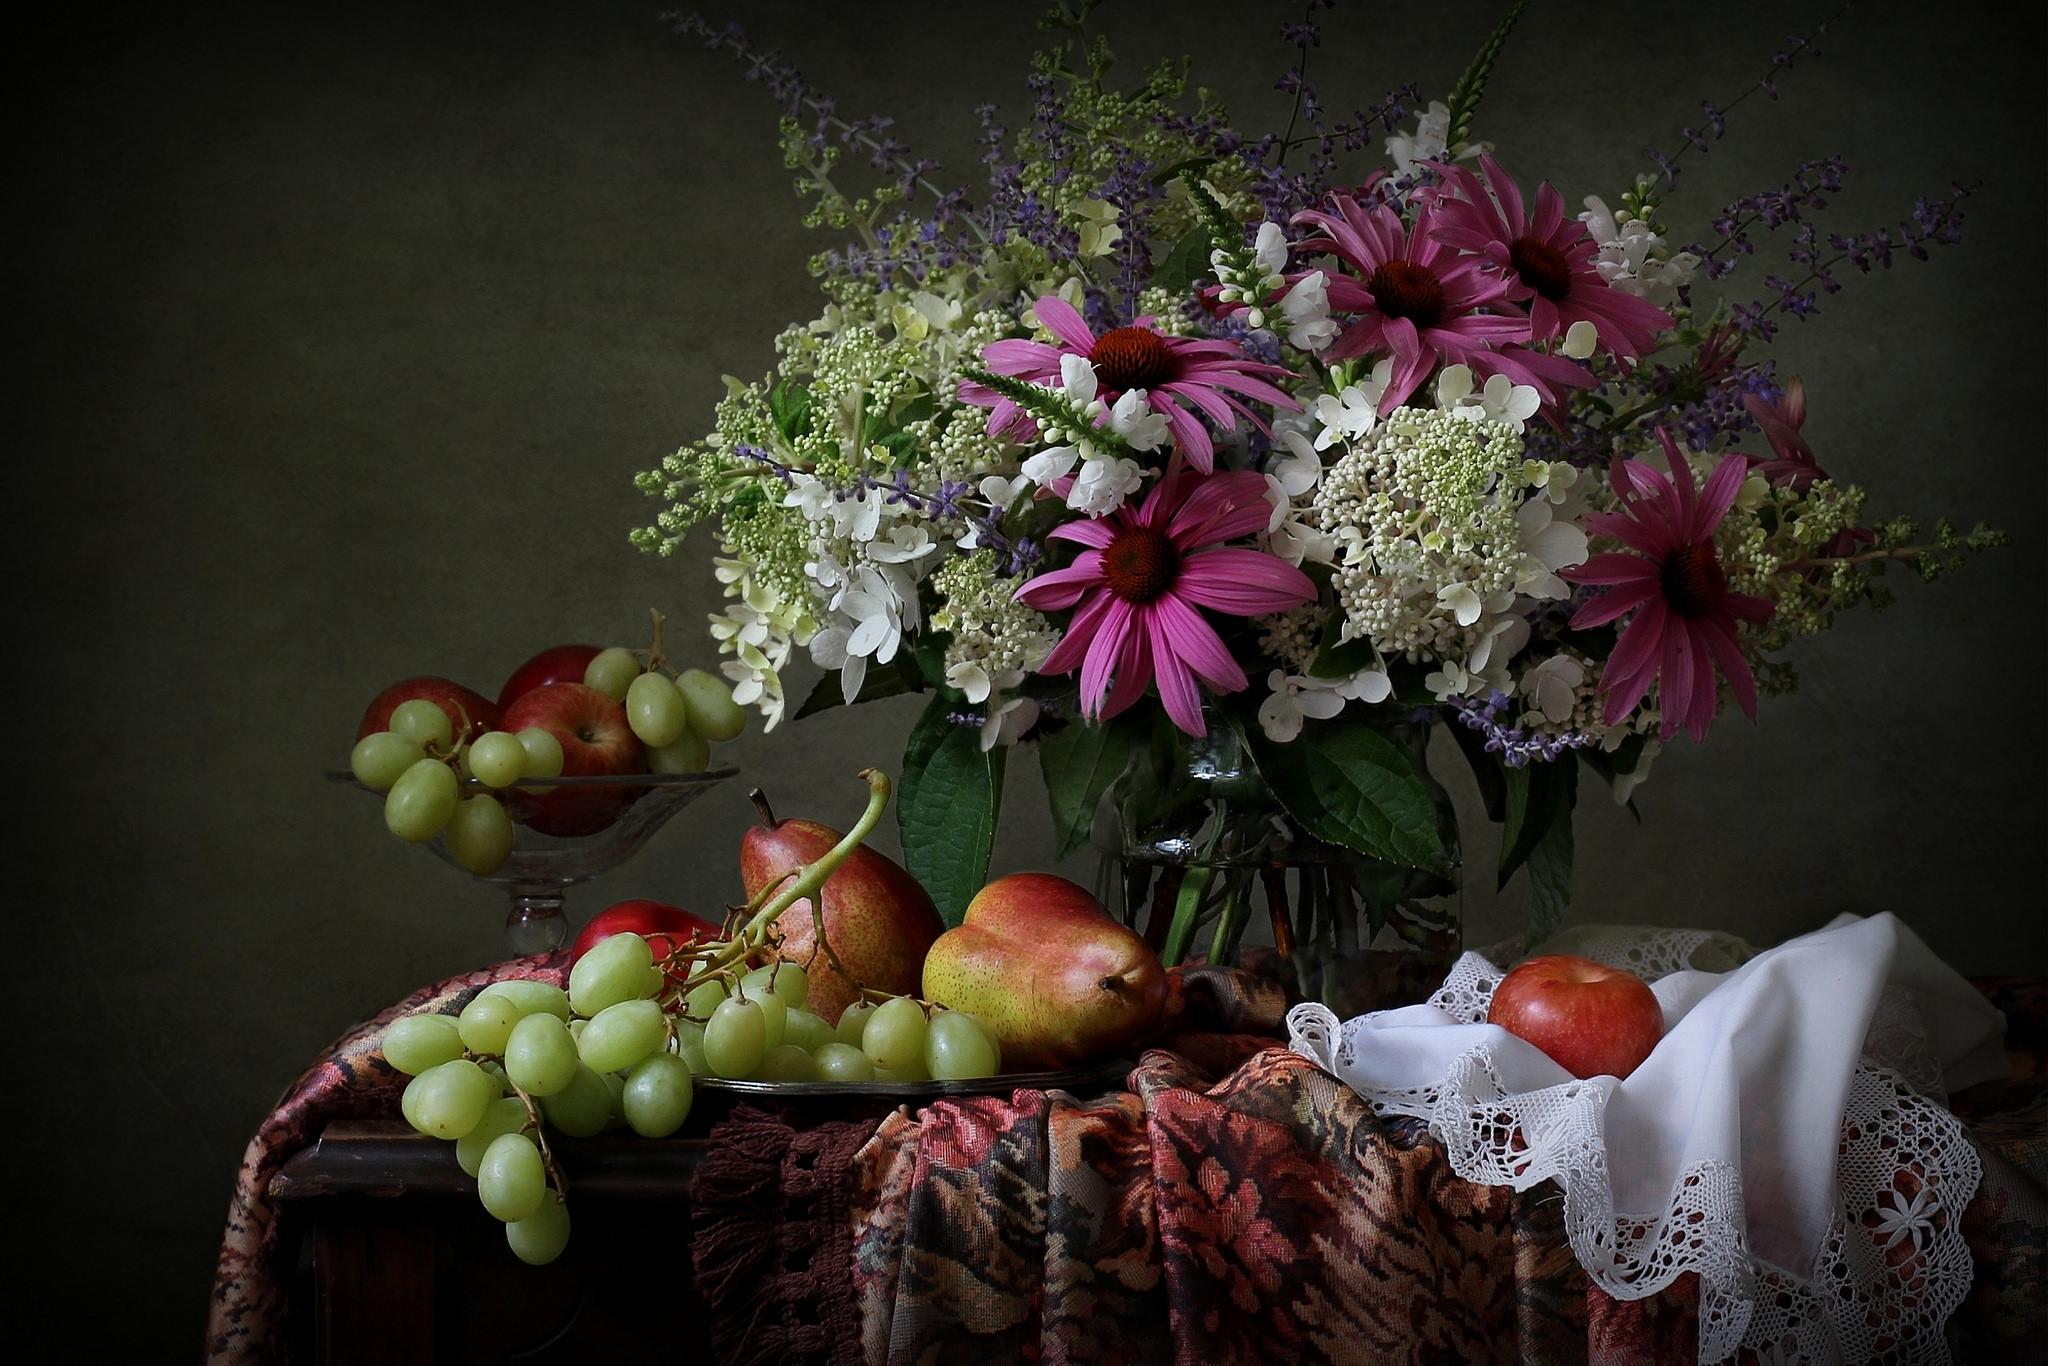 музыку художественные фотографии фруктов цветов отверстие